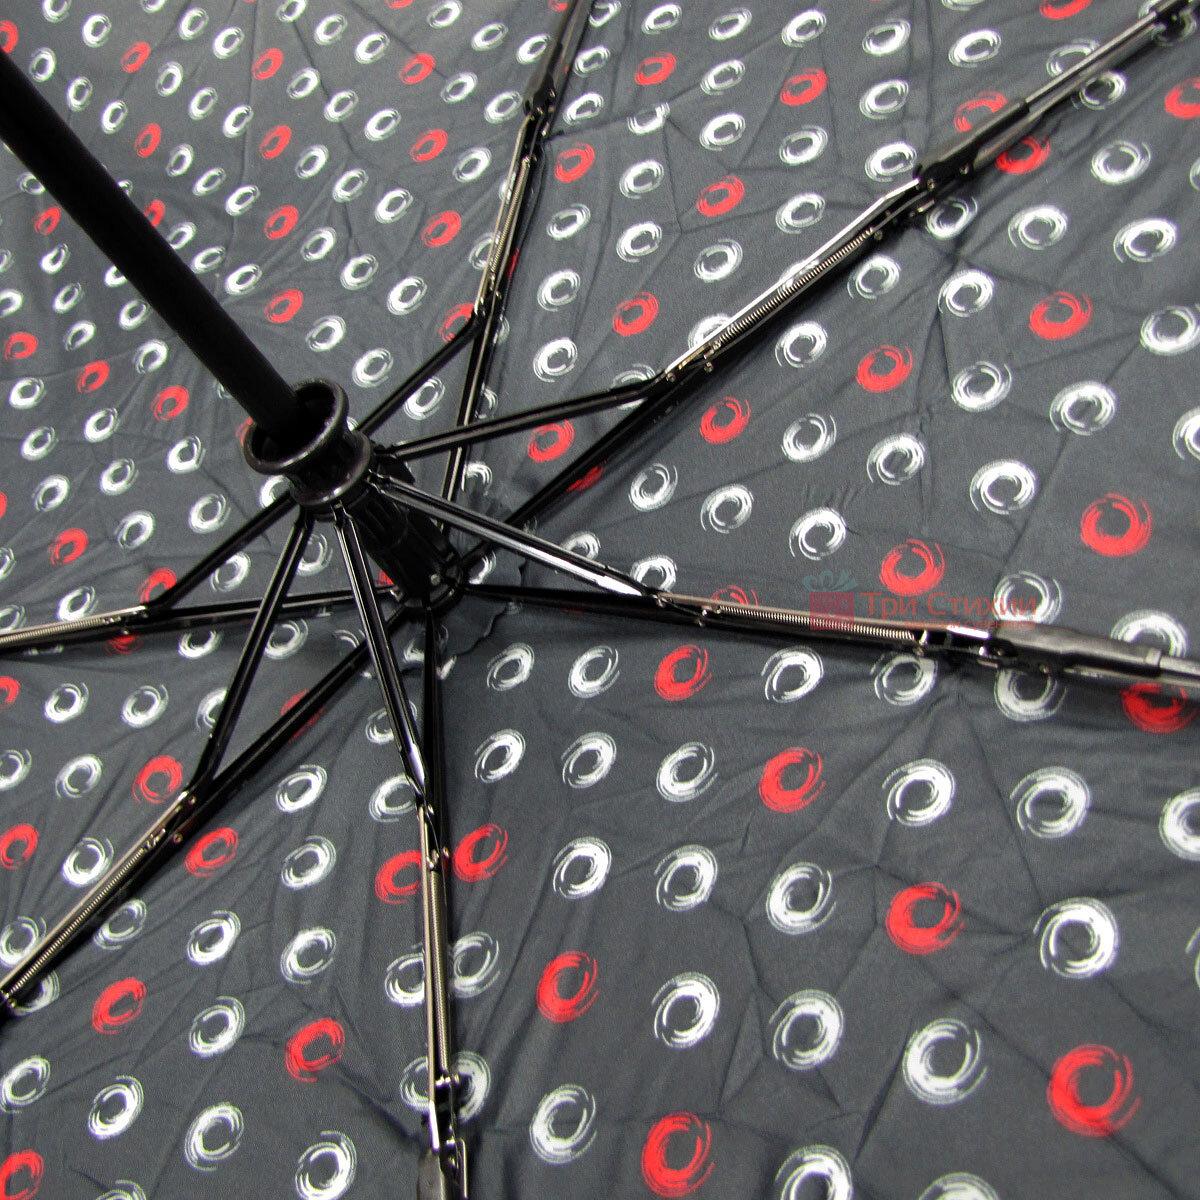 Зонт складной Derby 744165PHL-2 полный автомат Черный круги, Цвет: Черный, фото 4